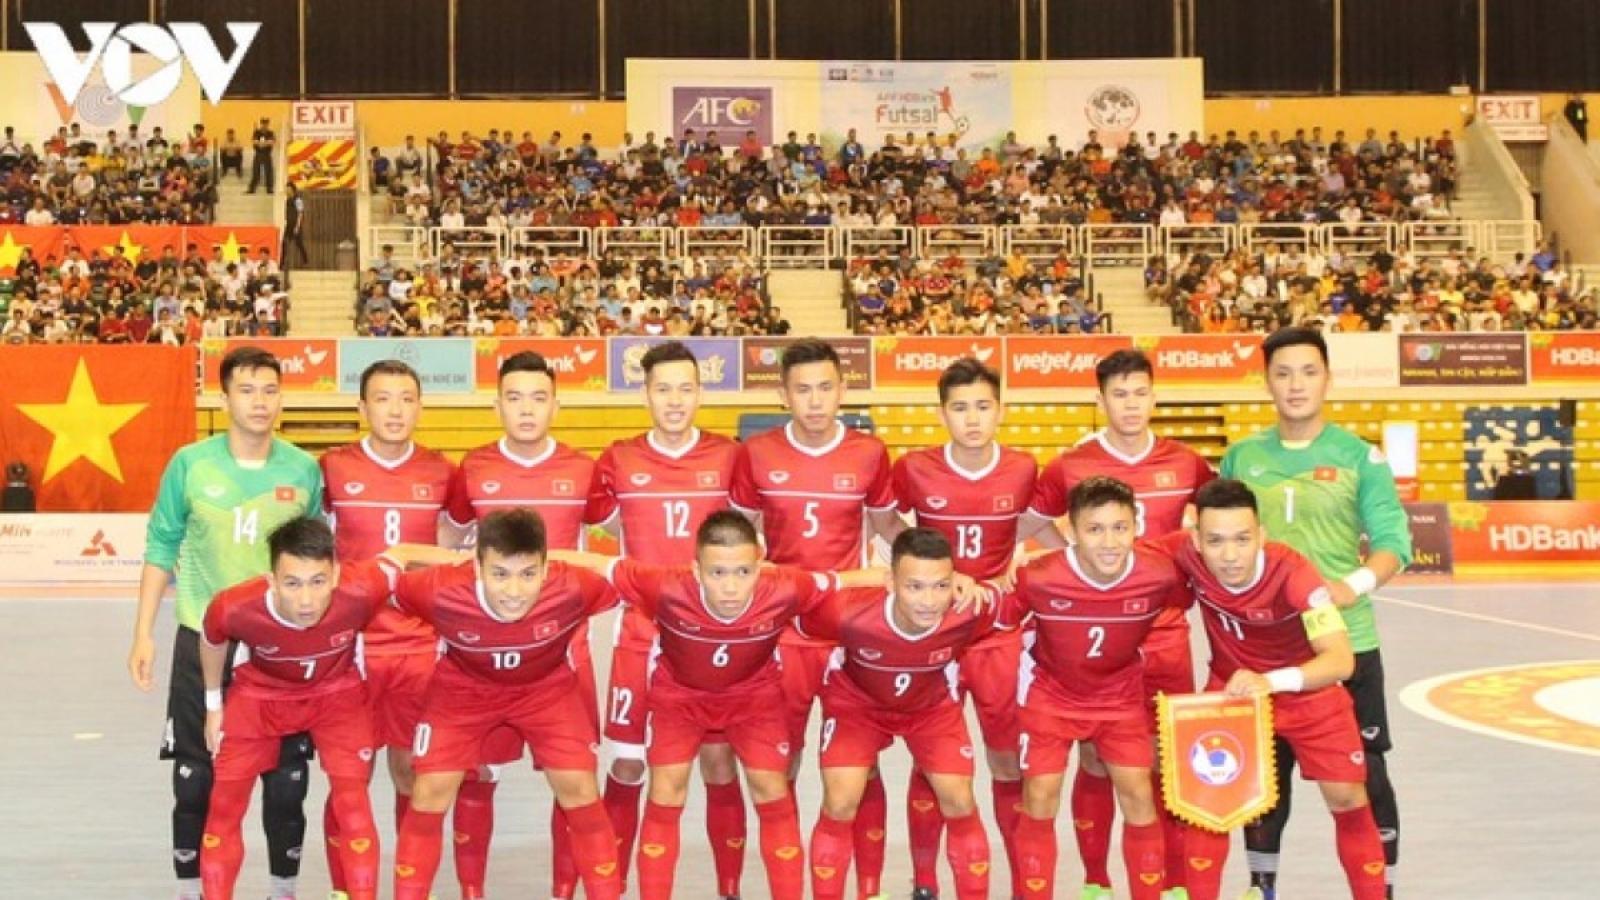 Xác định đối thủ đá play-off tranh vé dự World Cup Futsal với ĐT Việt Nam